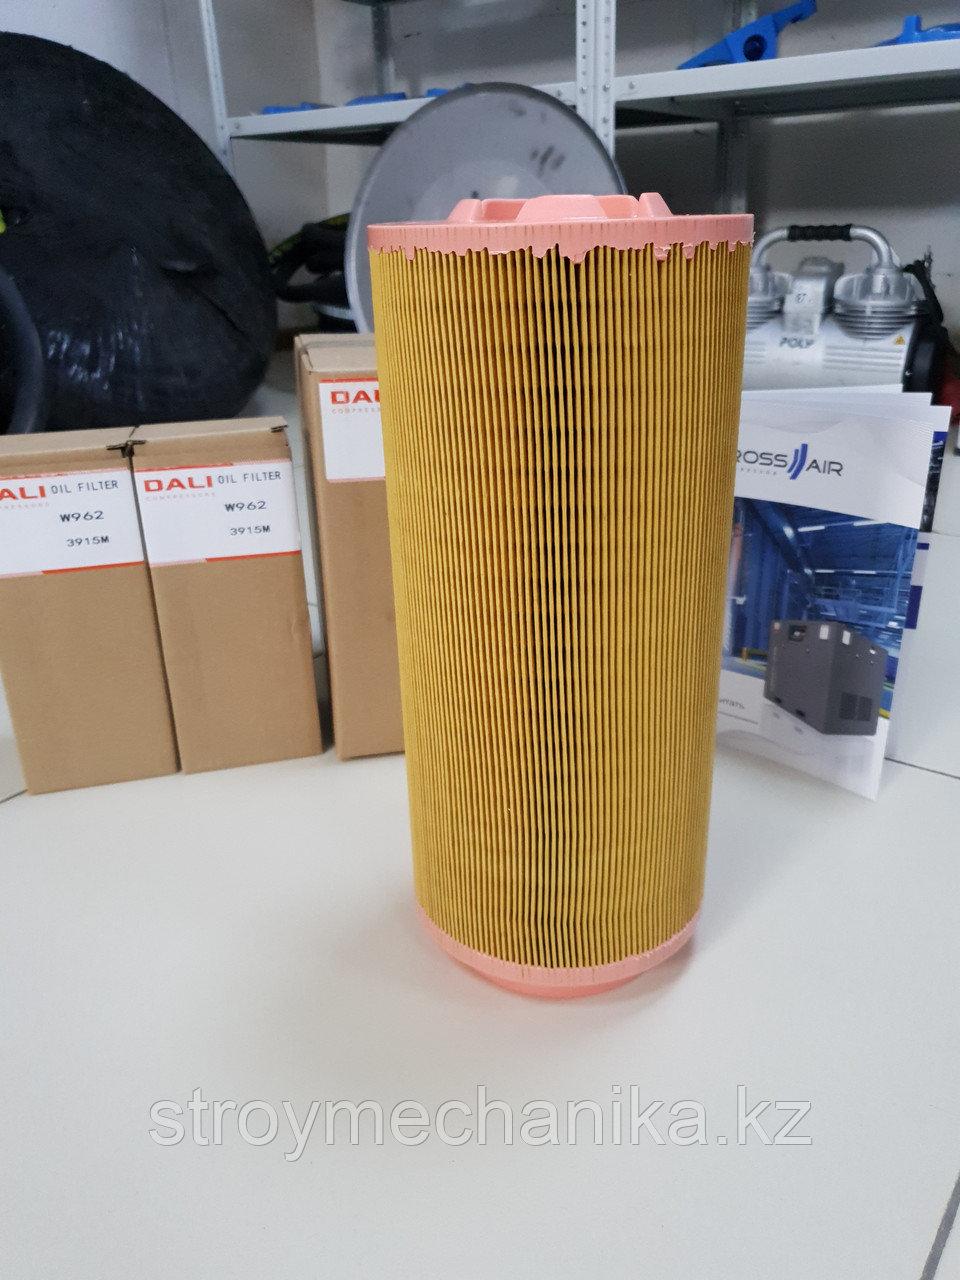 Фильтр воздушный для винтового компрессора 30 кВт, 37 кВт Dali, Crossair